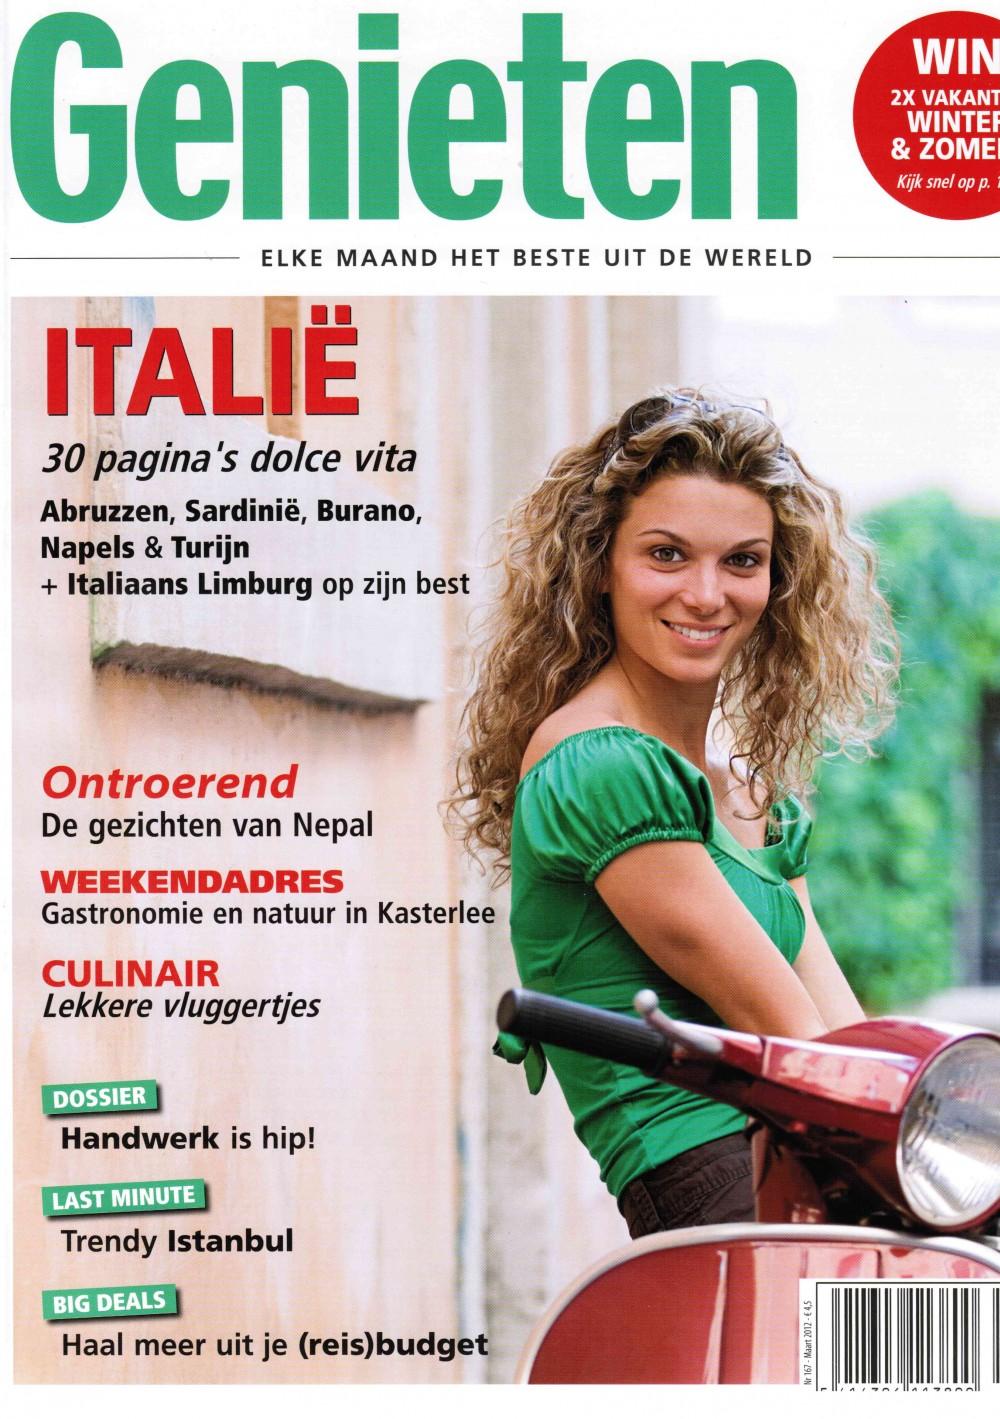 Genieten - Reismagazine. Reisreportages en reiscolumns